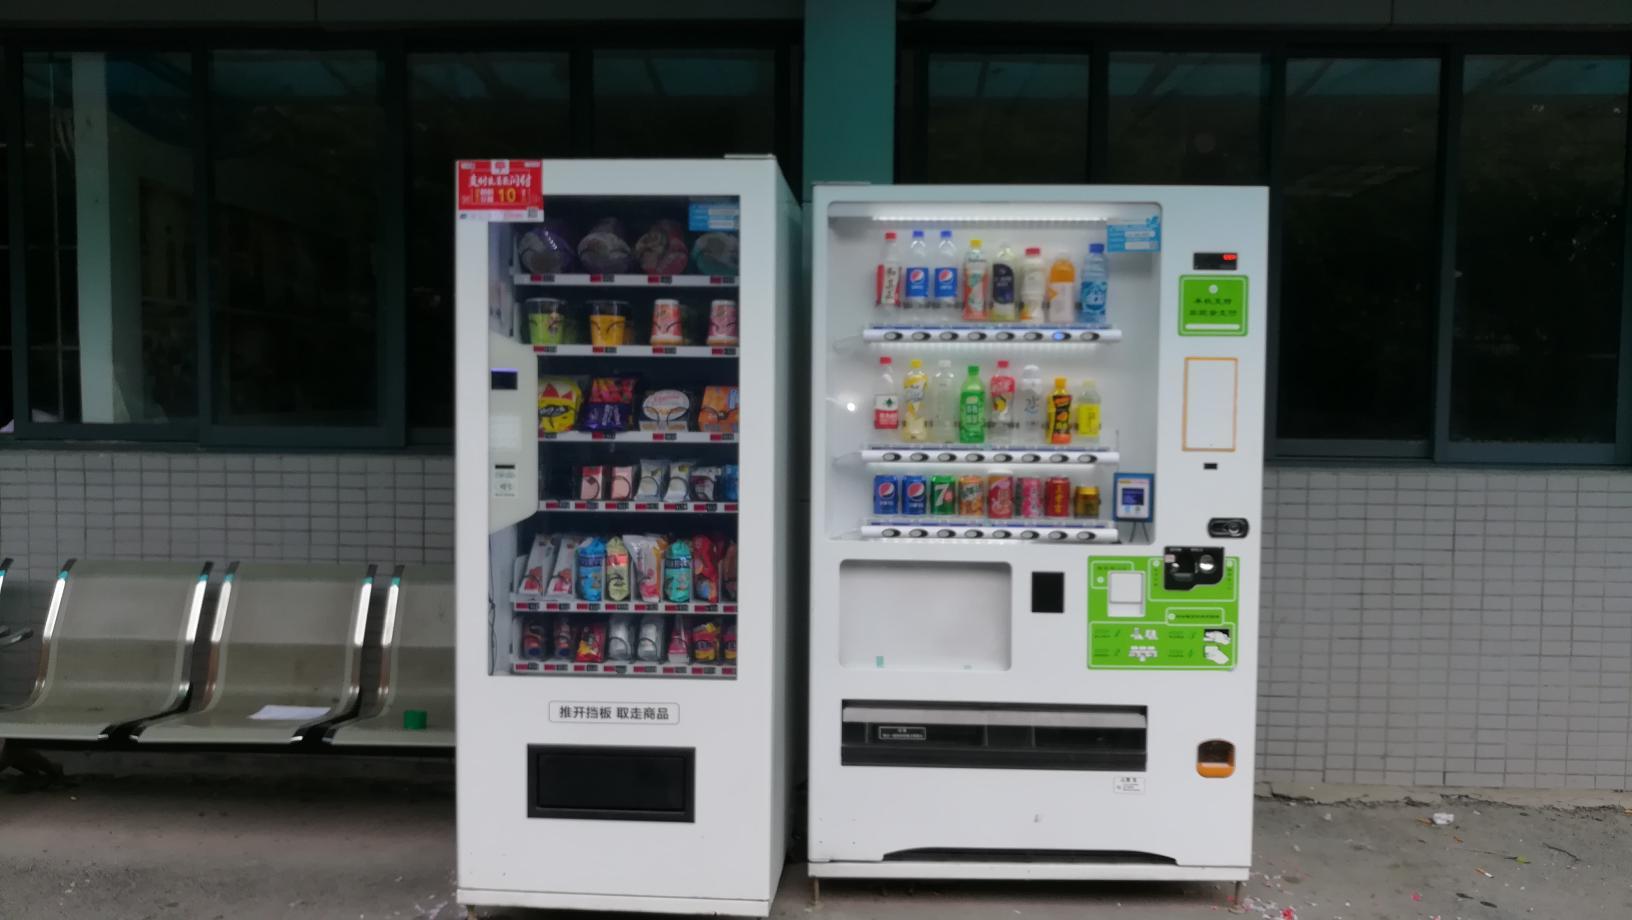 新零售,自动售货机,智能售货机,自助贩卖机,自动售卖机